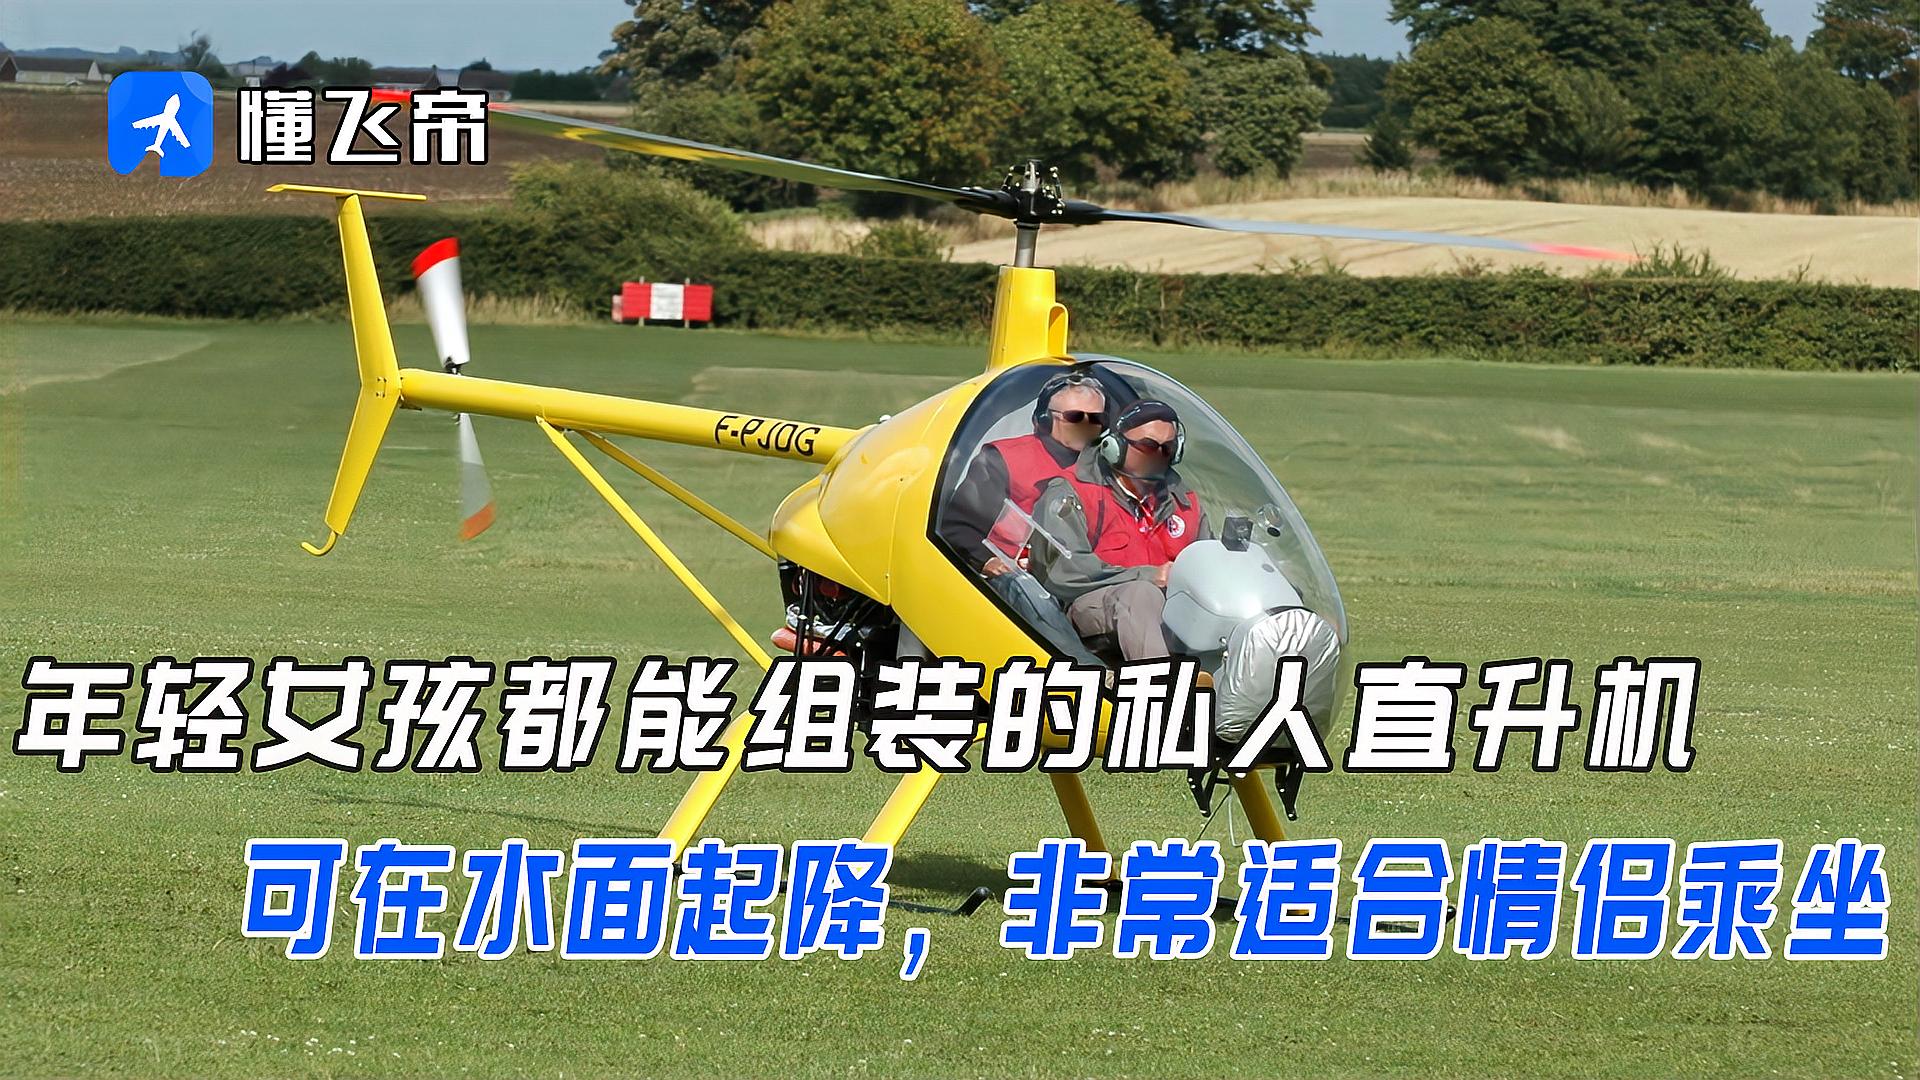 年轻女孩都能组装的私人直升机,可在水面起降,非常适合情侣乘坐